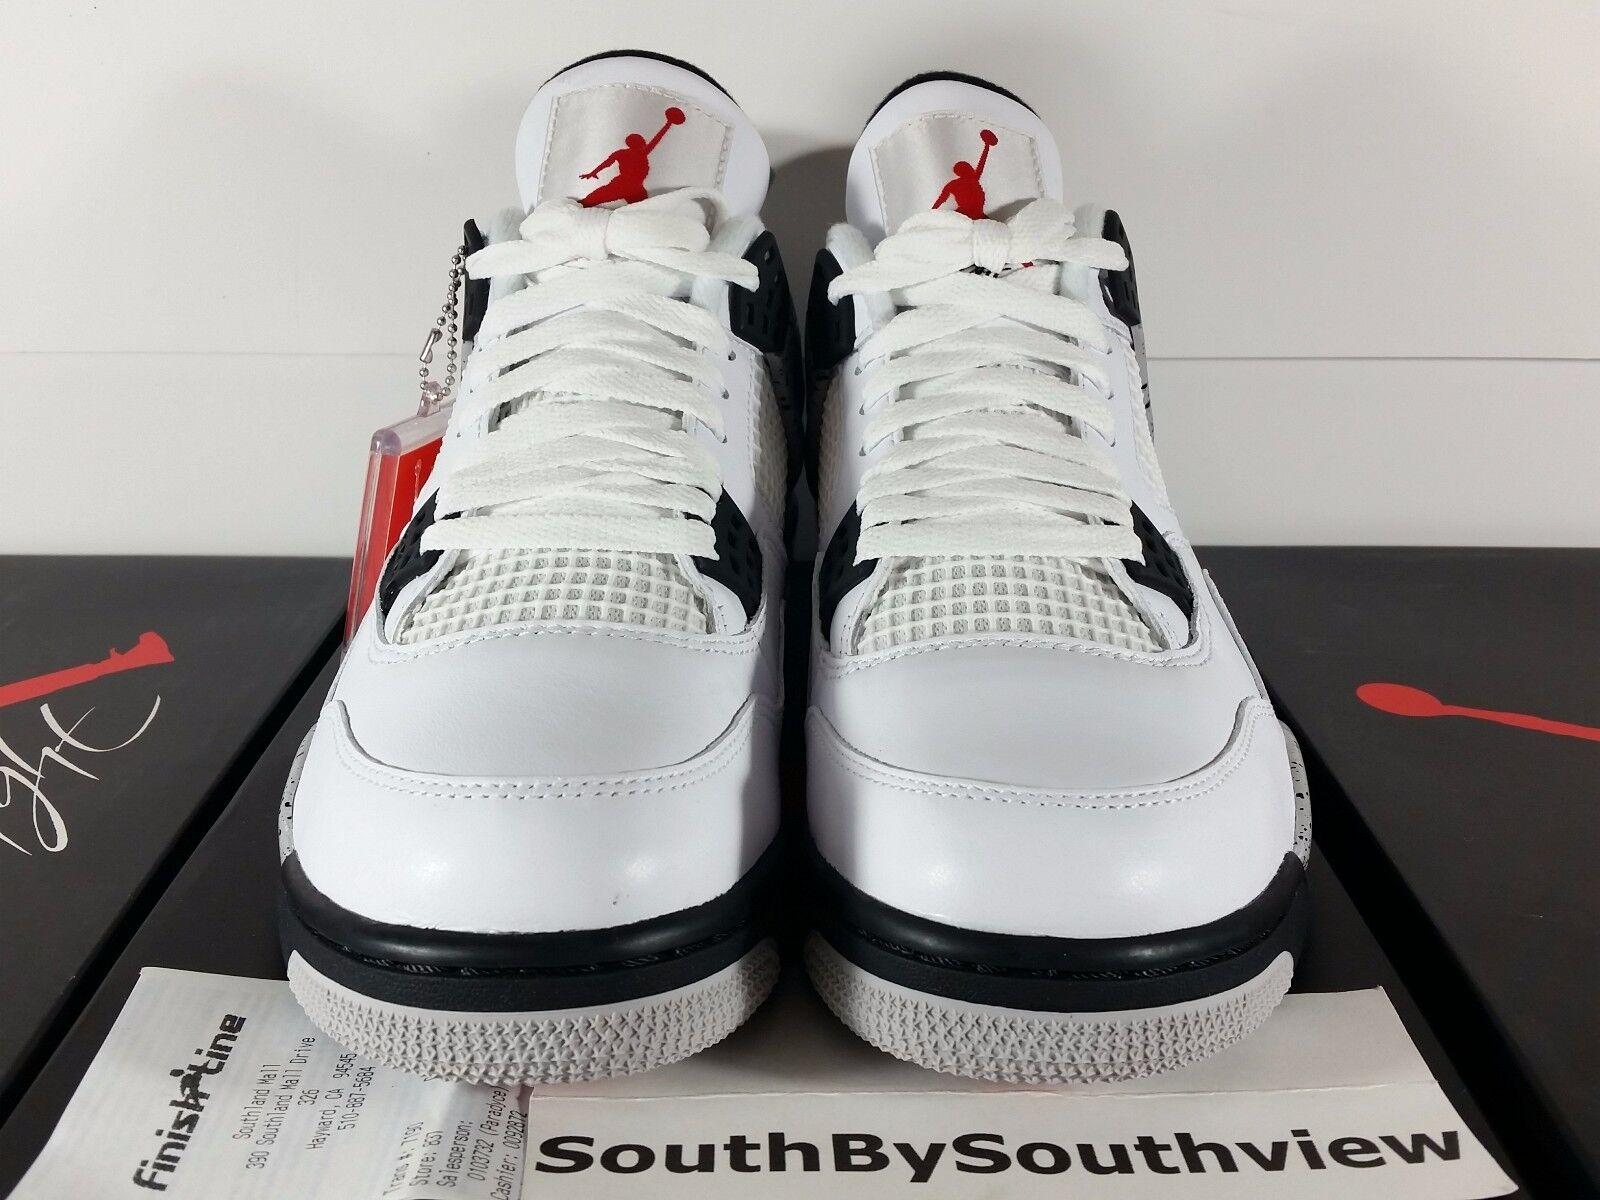 a12a8cd6467f DS Jordan Retro 4 OG Cement Sz 9.5 100 Authentic IV 2016 Nike Air 840606  192 for sale online